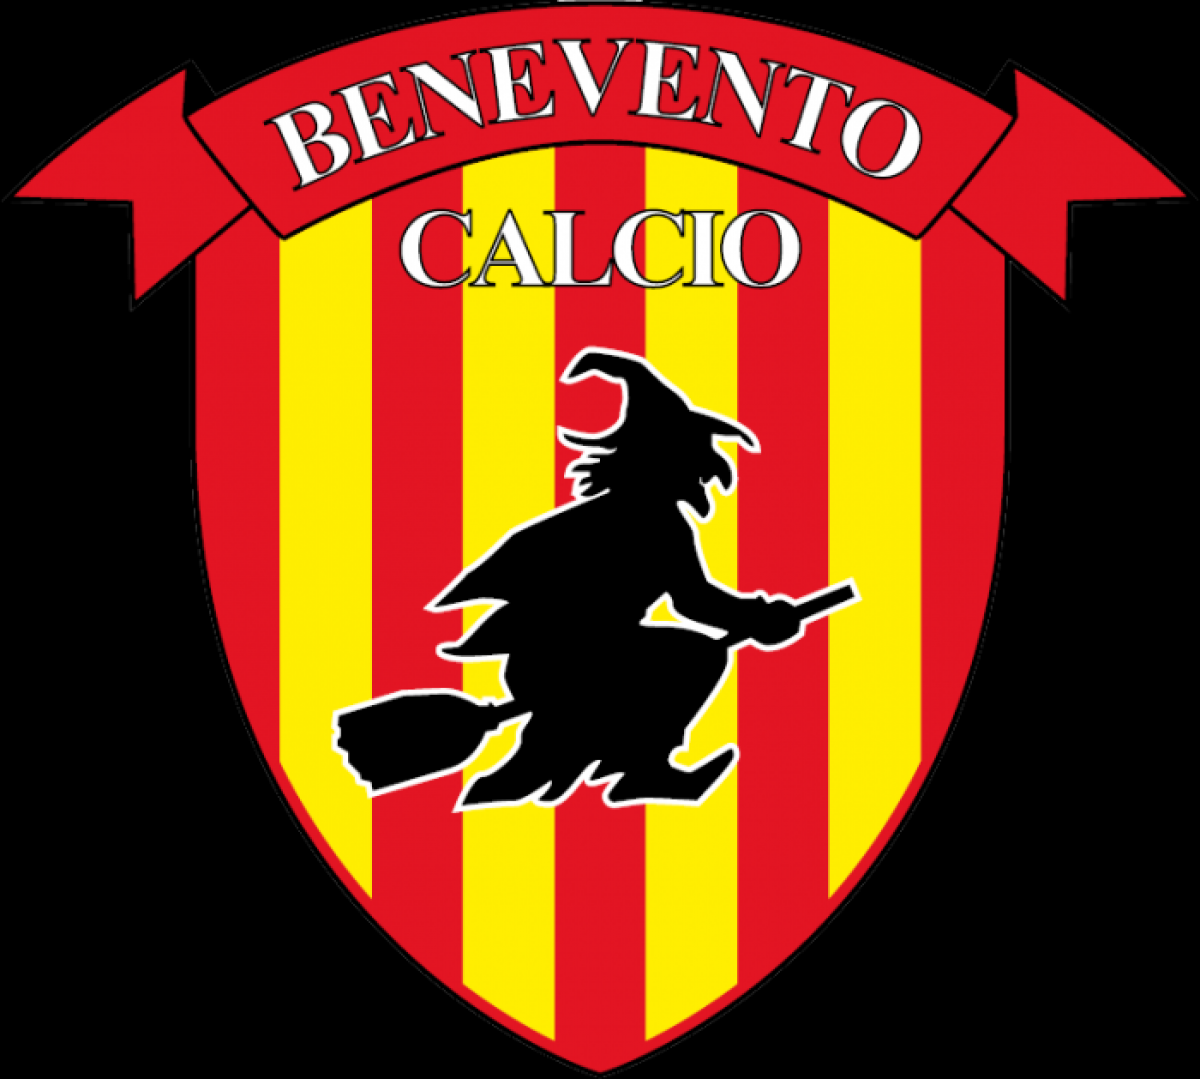 """Benevento - De Zerbi: """"Oggi grande commozione, ci è mancata la cattiveria agonistica"""""""